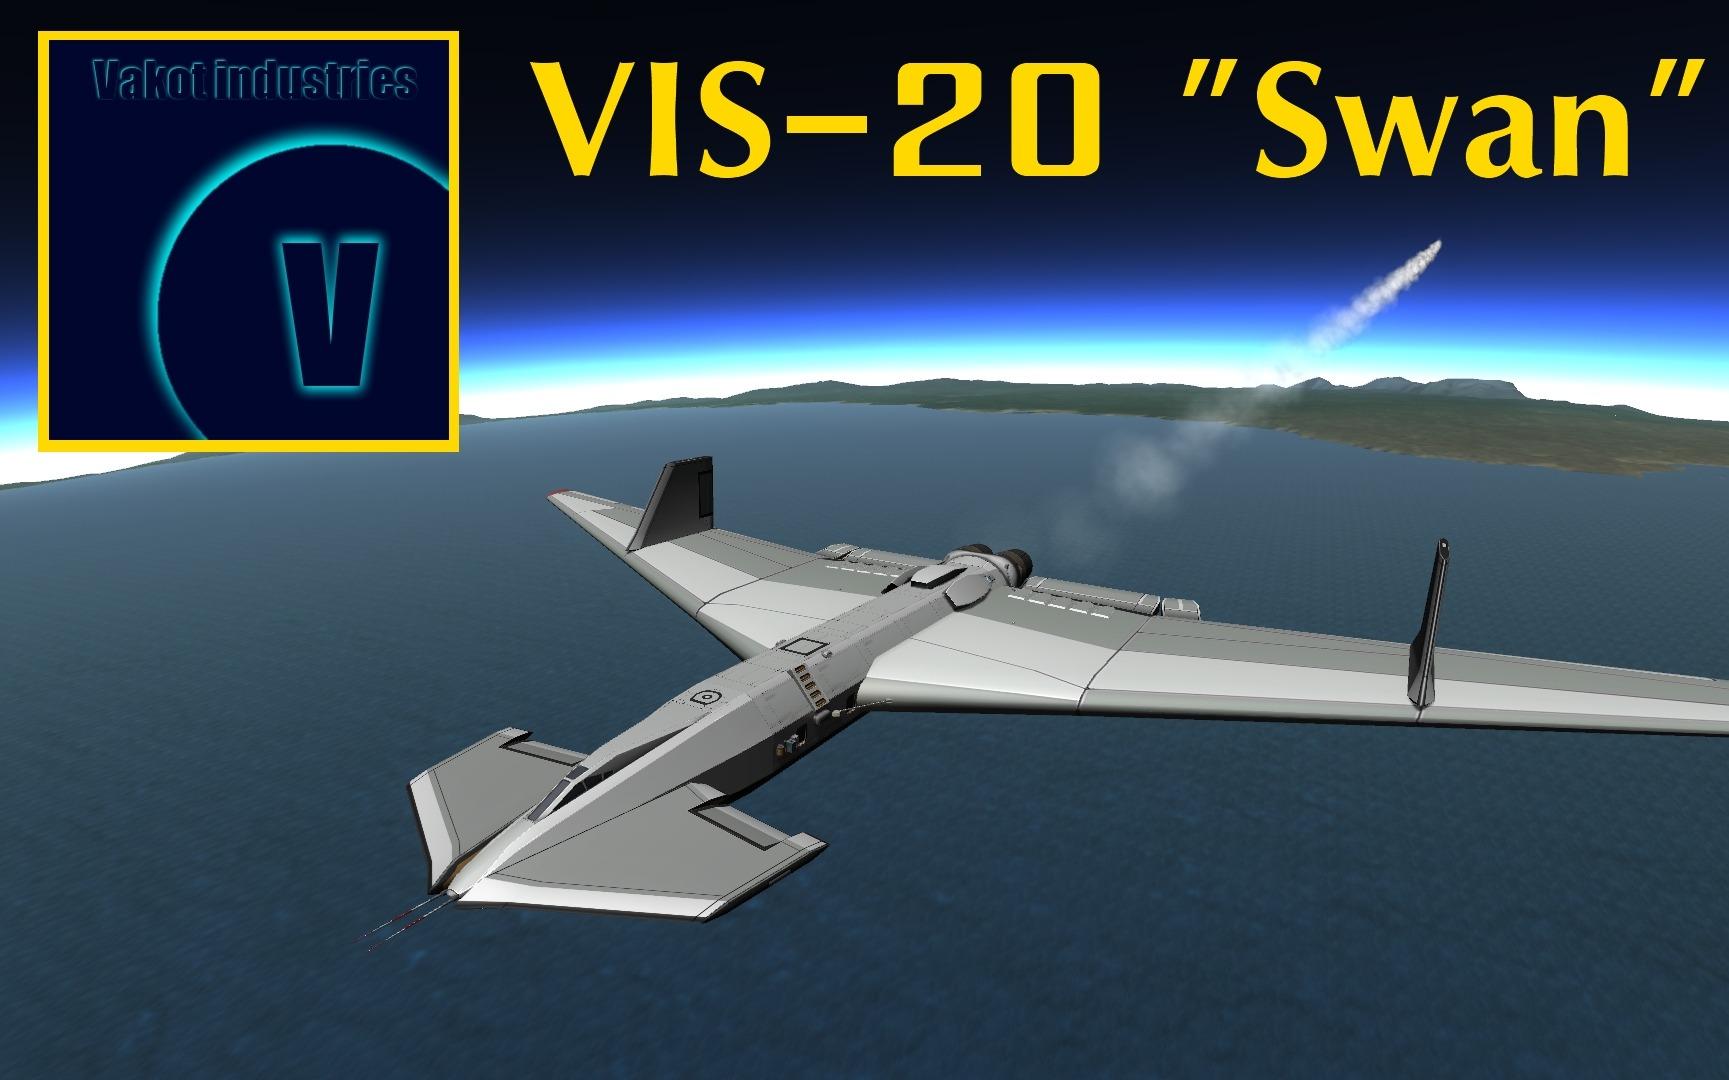 VIS-20